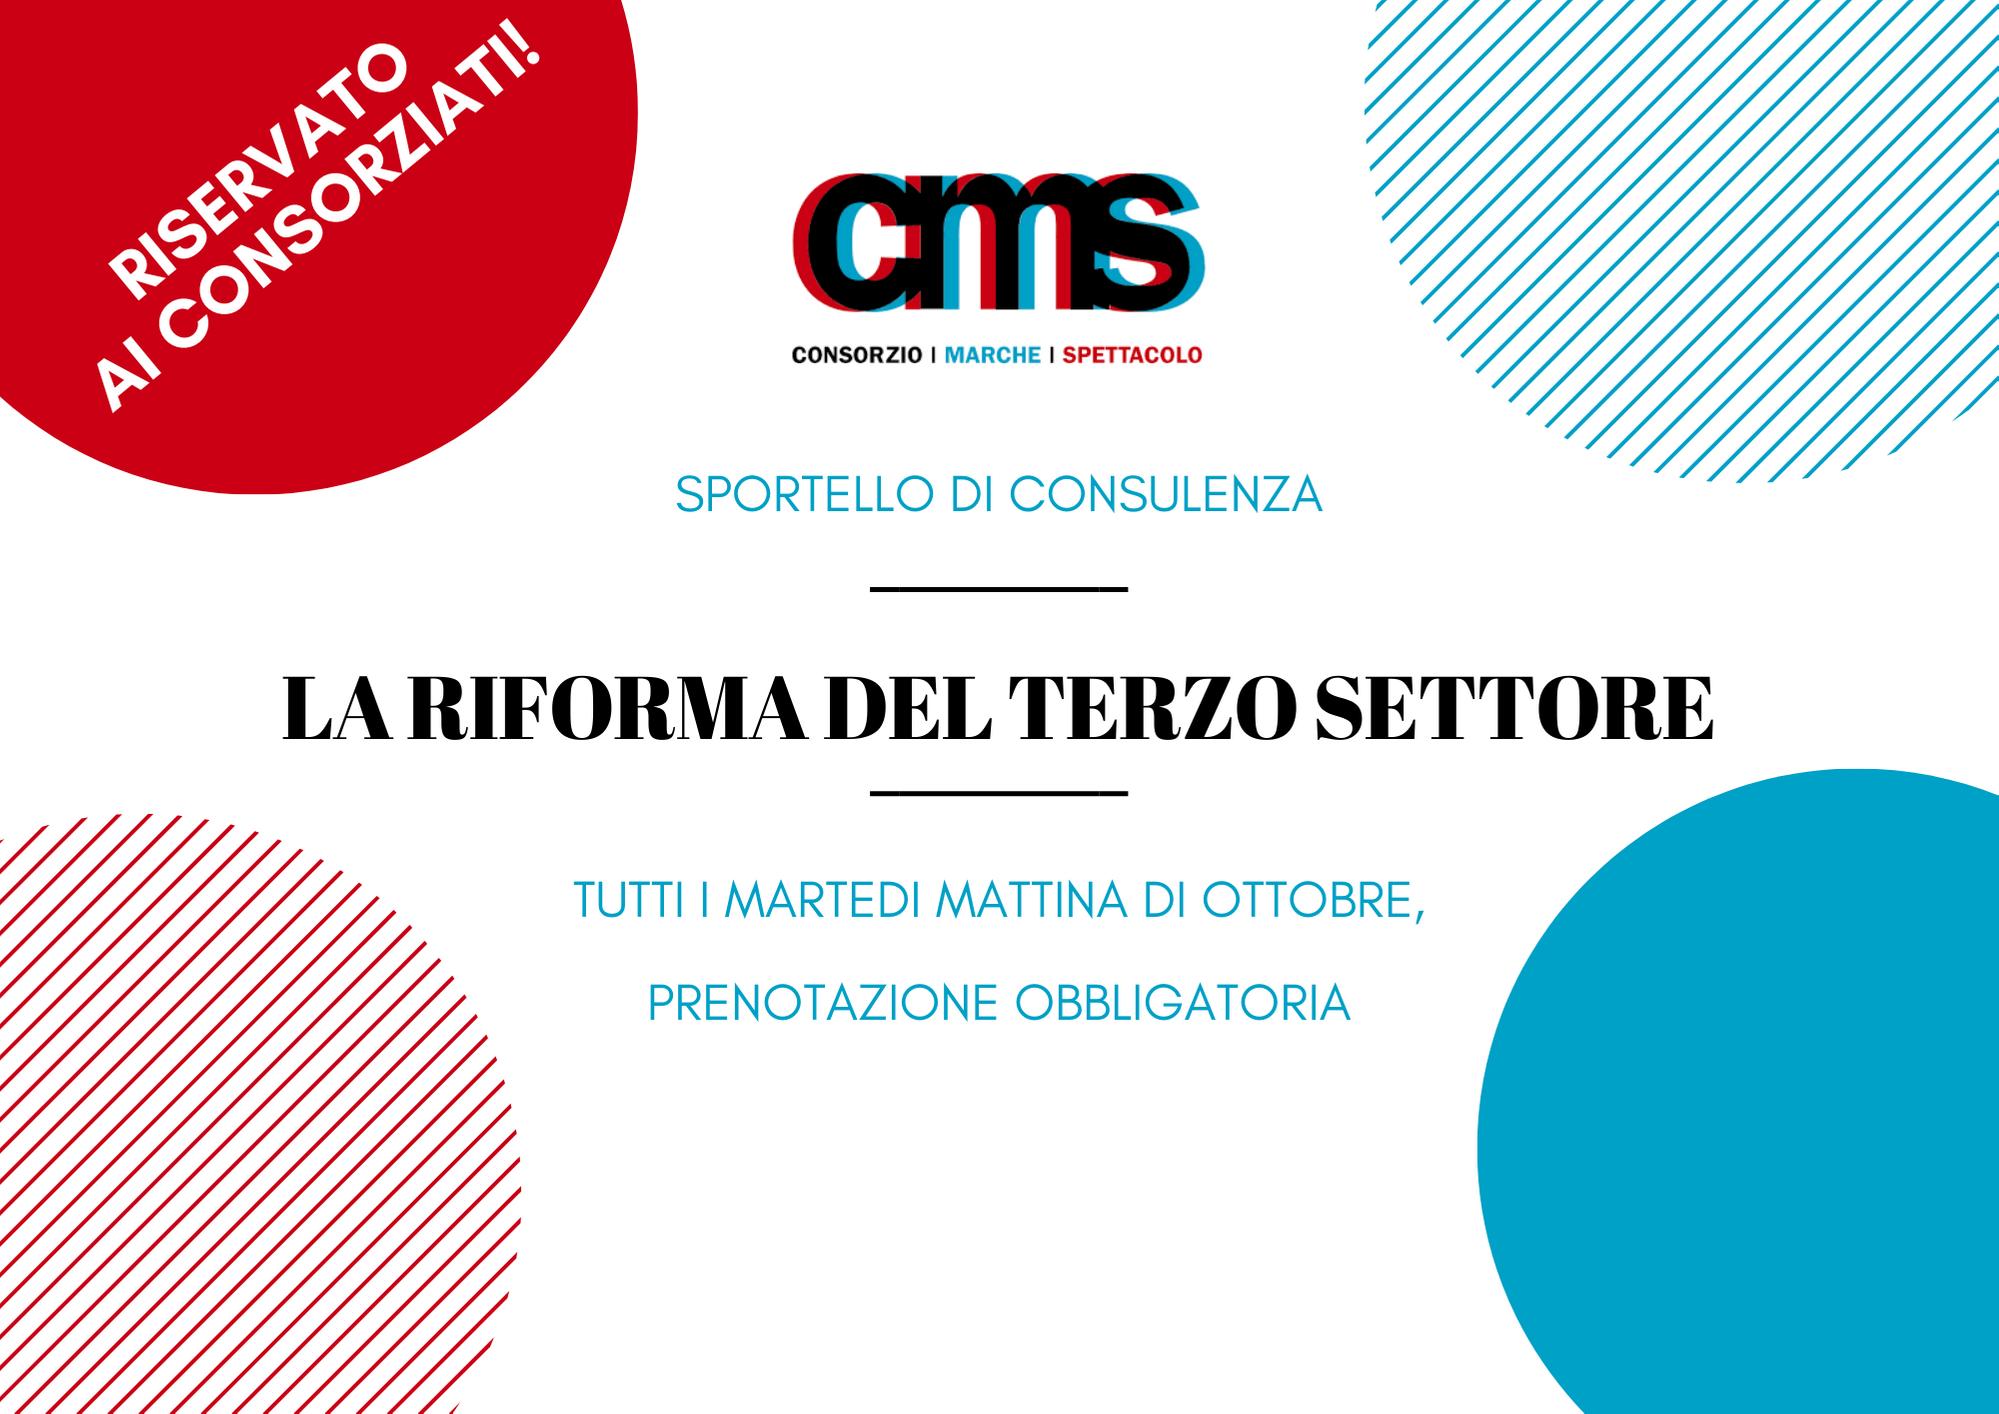 A3orizz_la_riforma_del_terzo_settore_for_change_2_